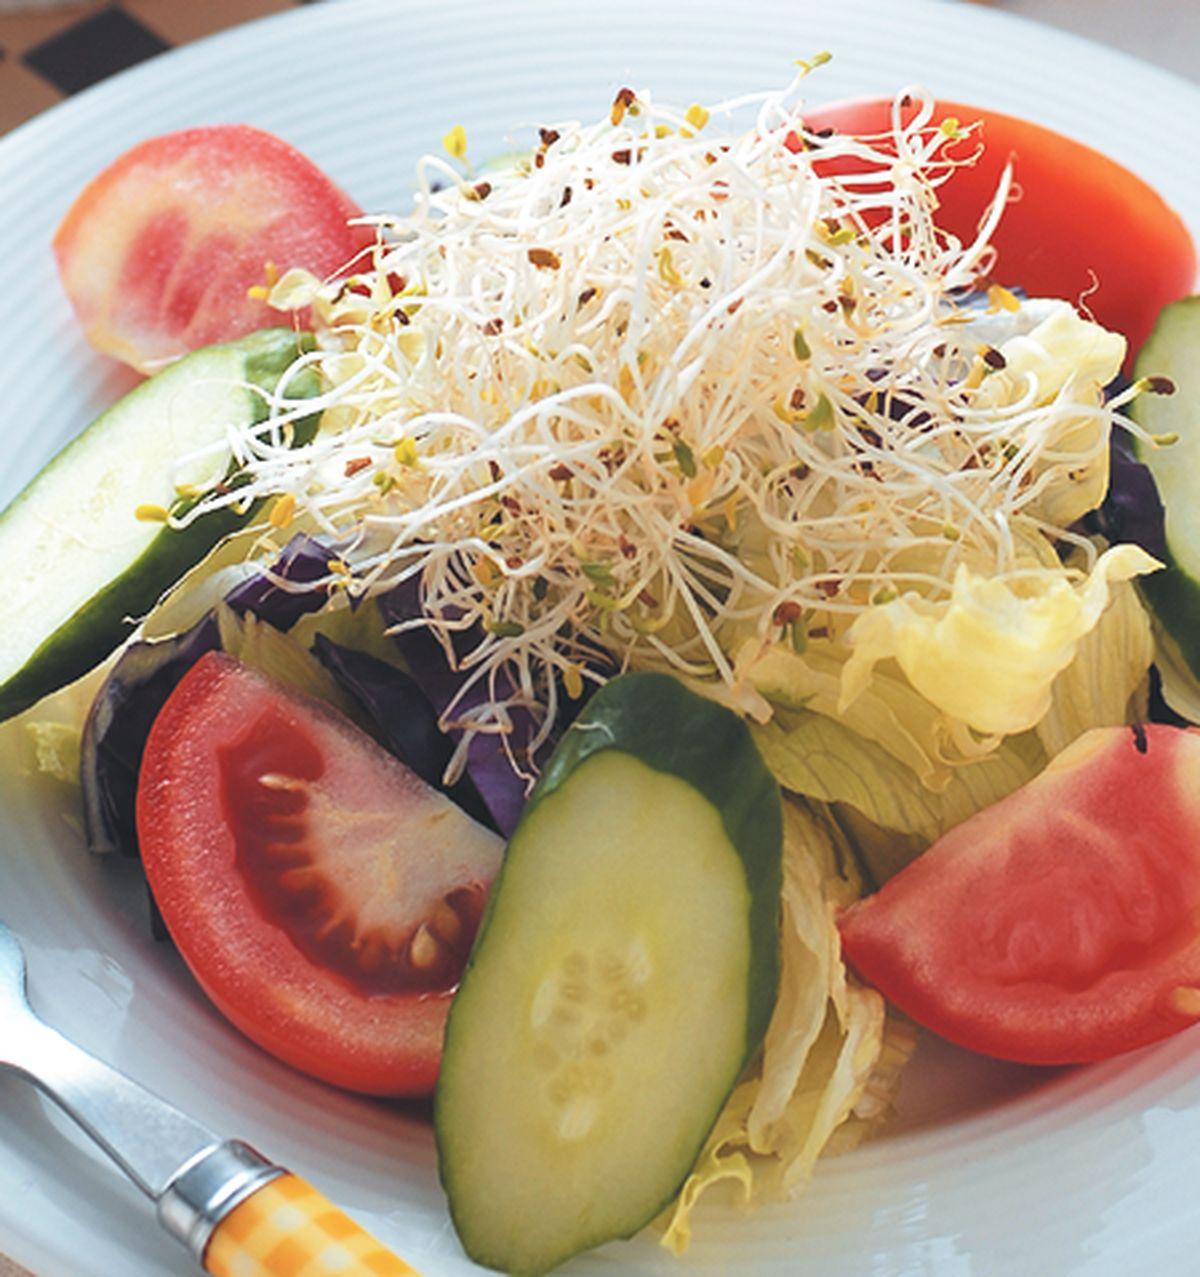 食譜:什錦蔬菜沙拉佐優酪汁